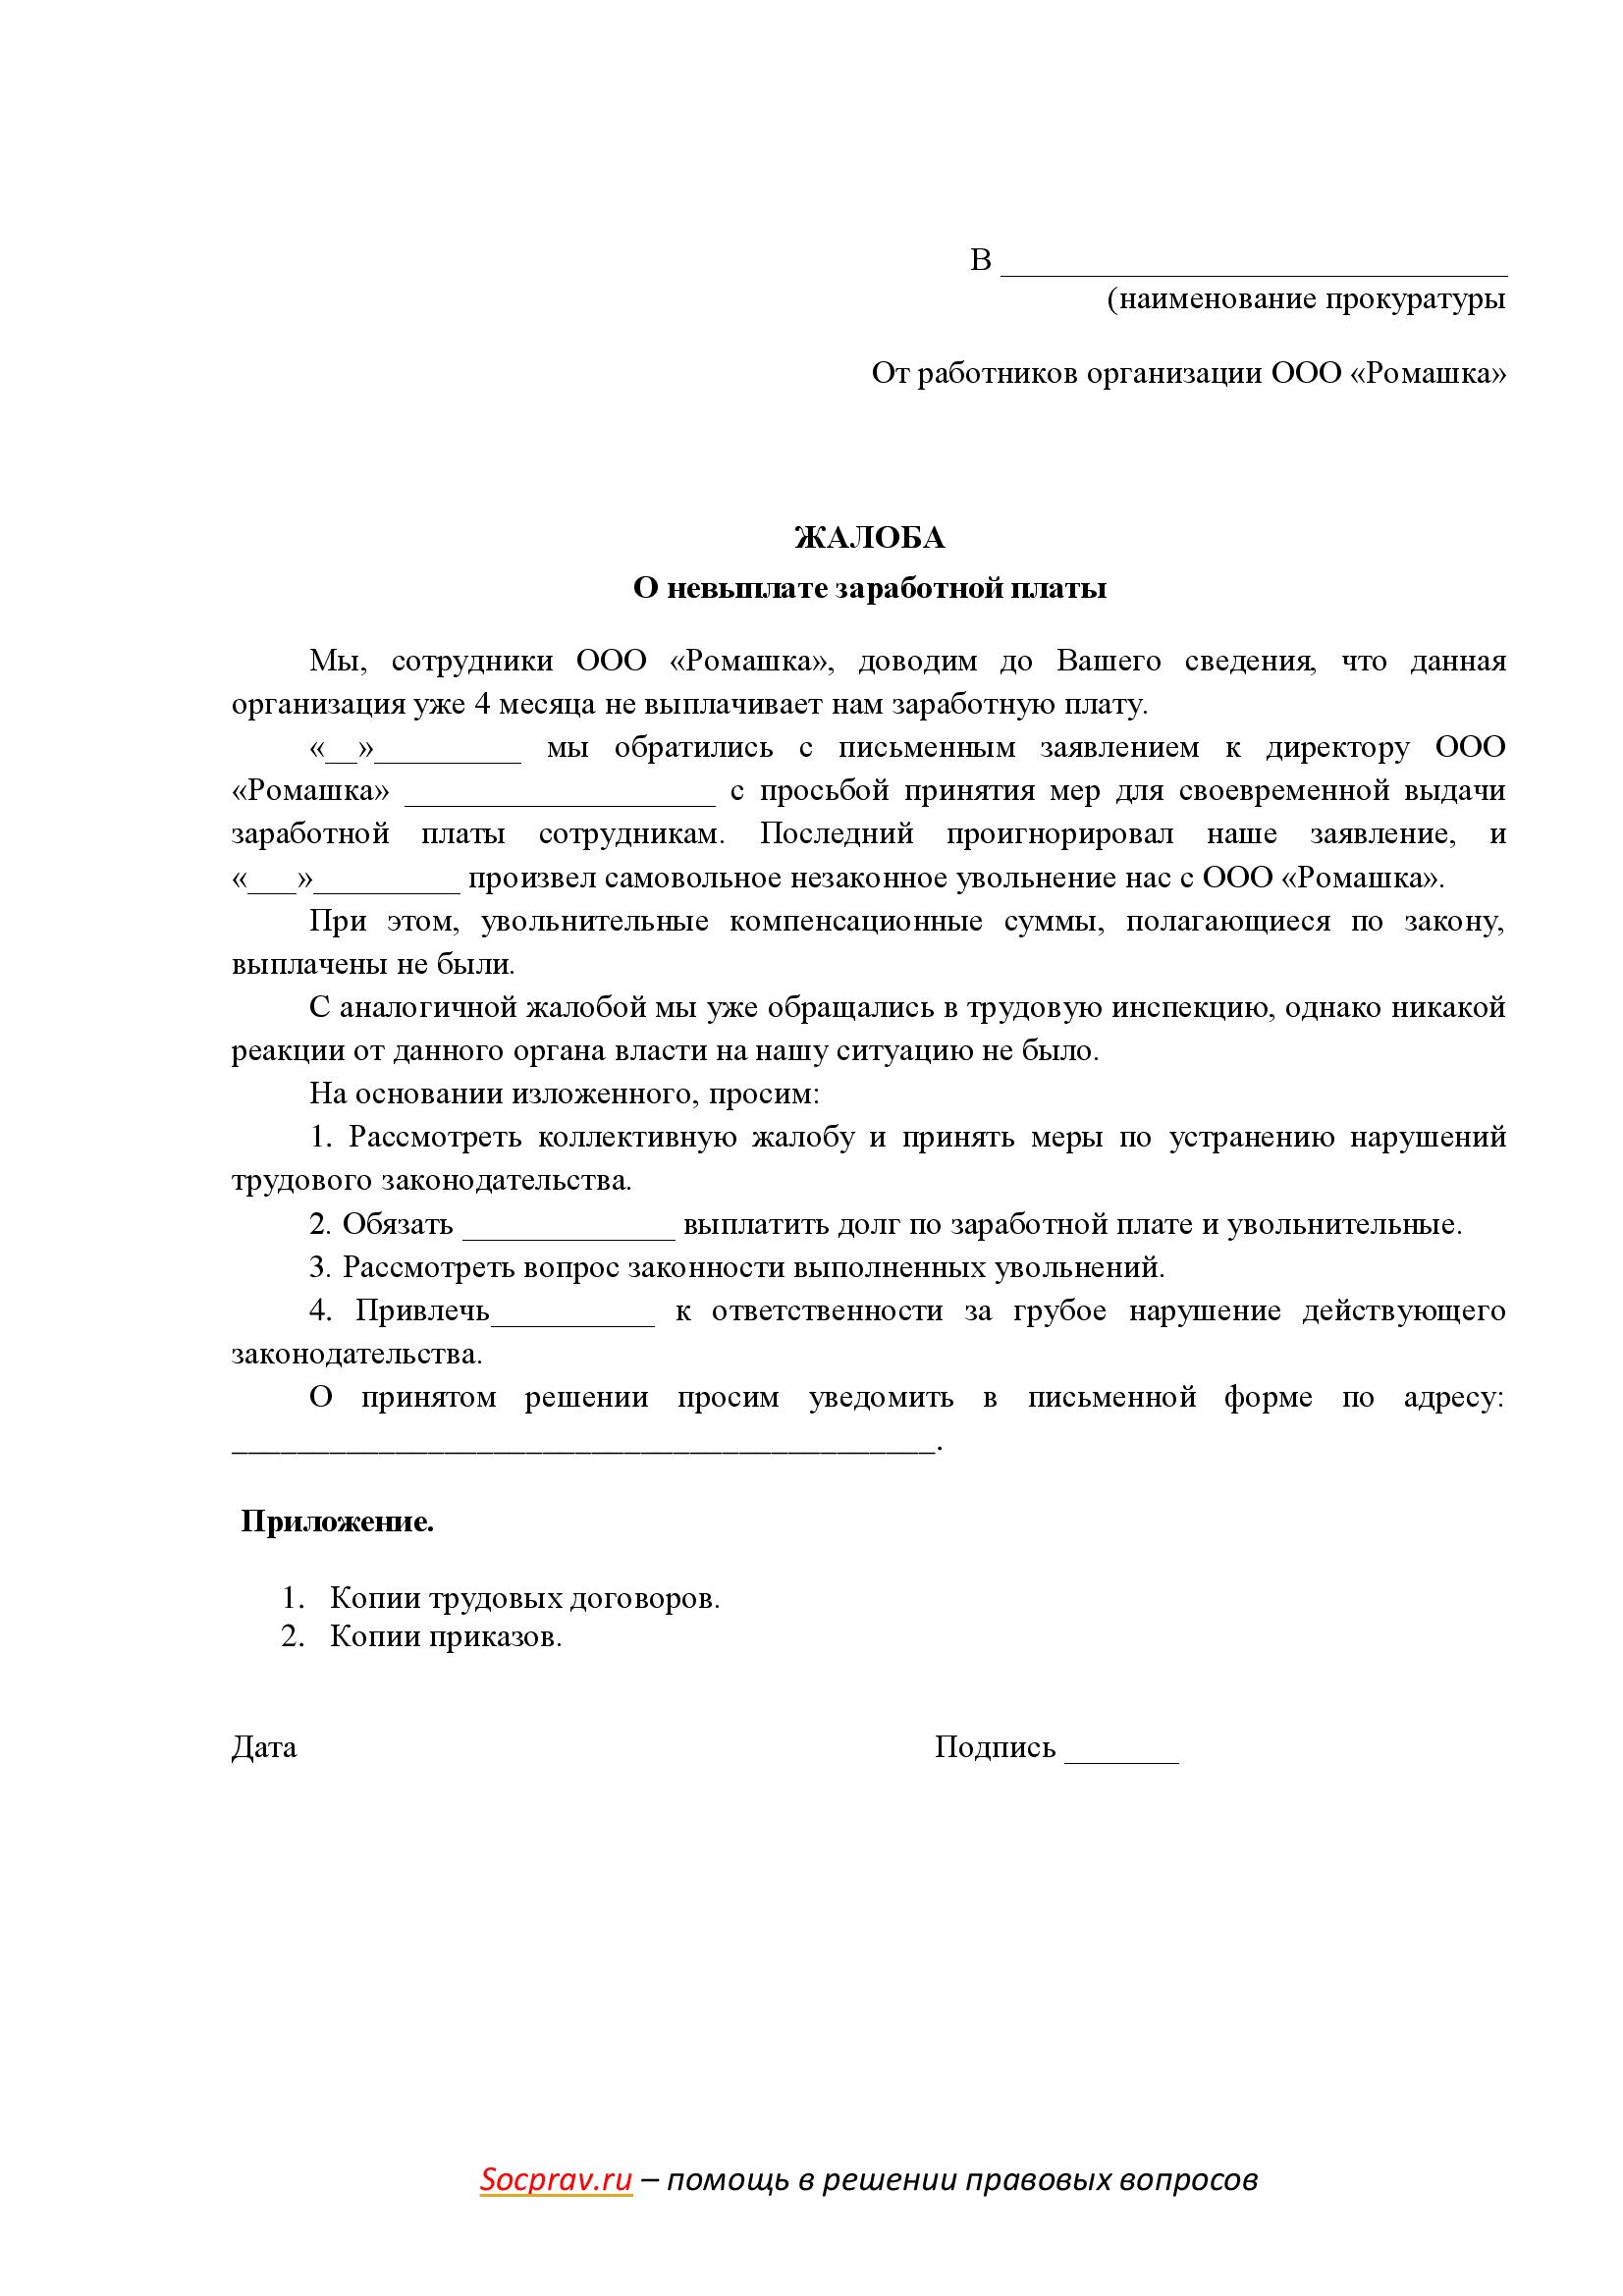 Коллективная жалоба в прокуратуру на работодателя (о невыплате заработной платы)